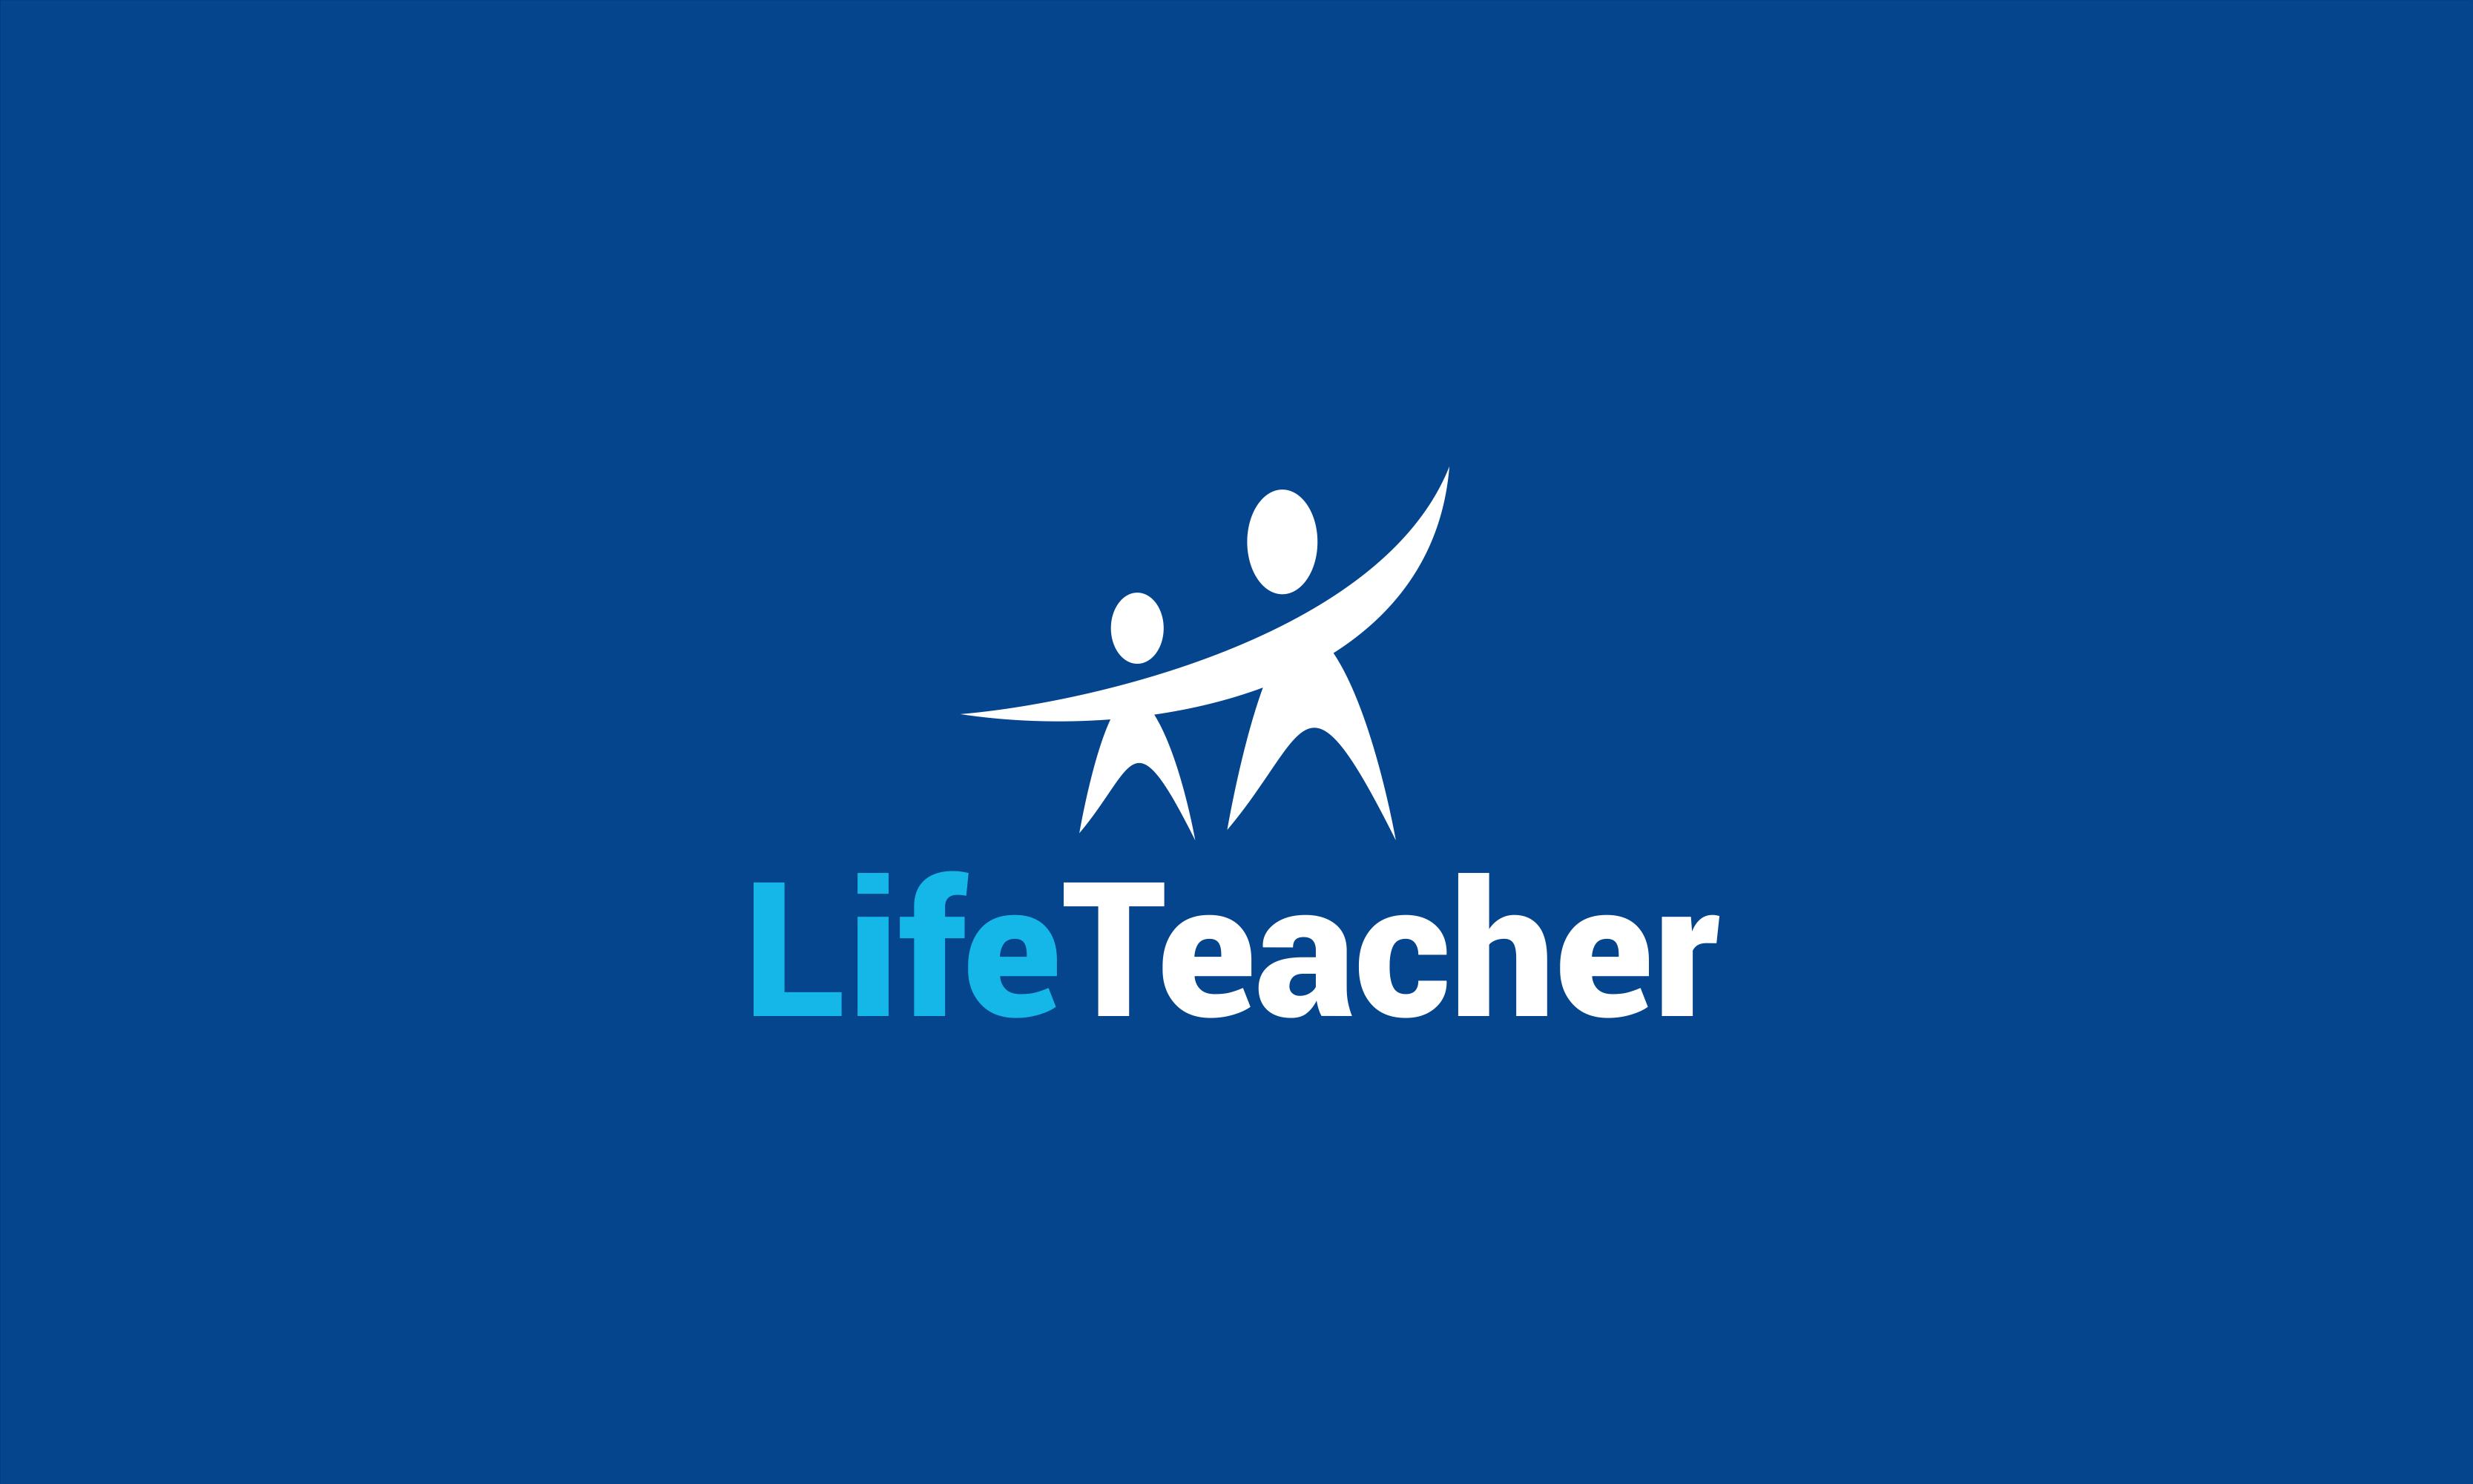 Lifeteacher